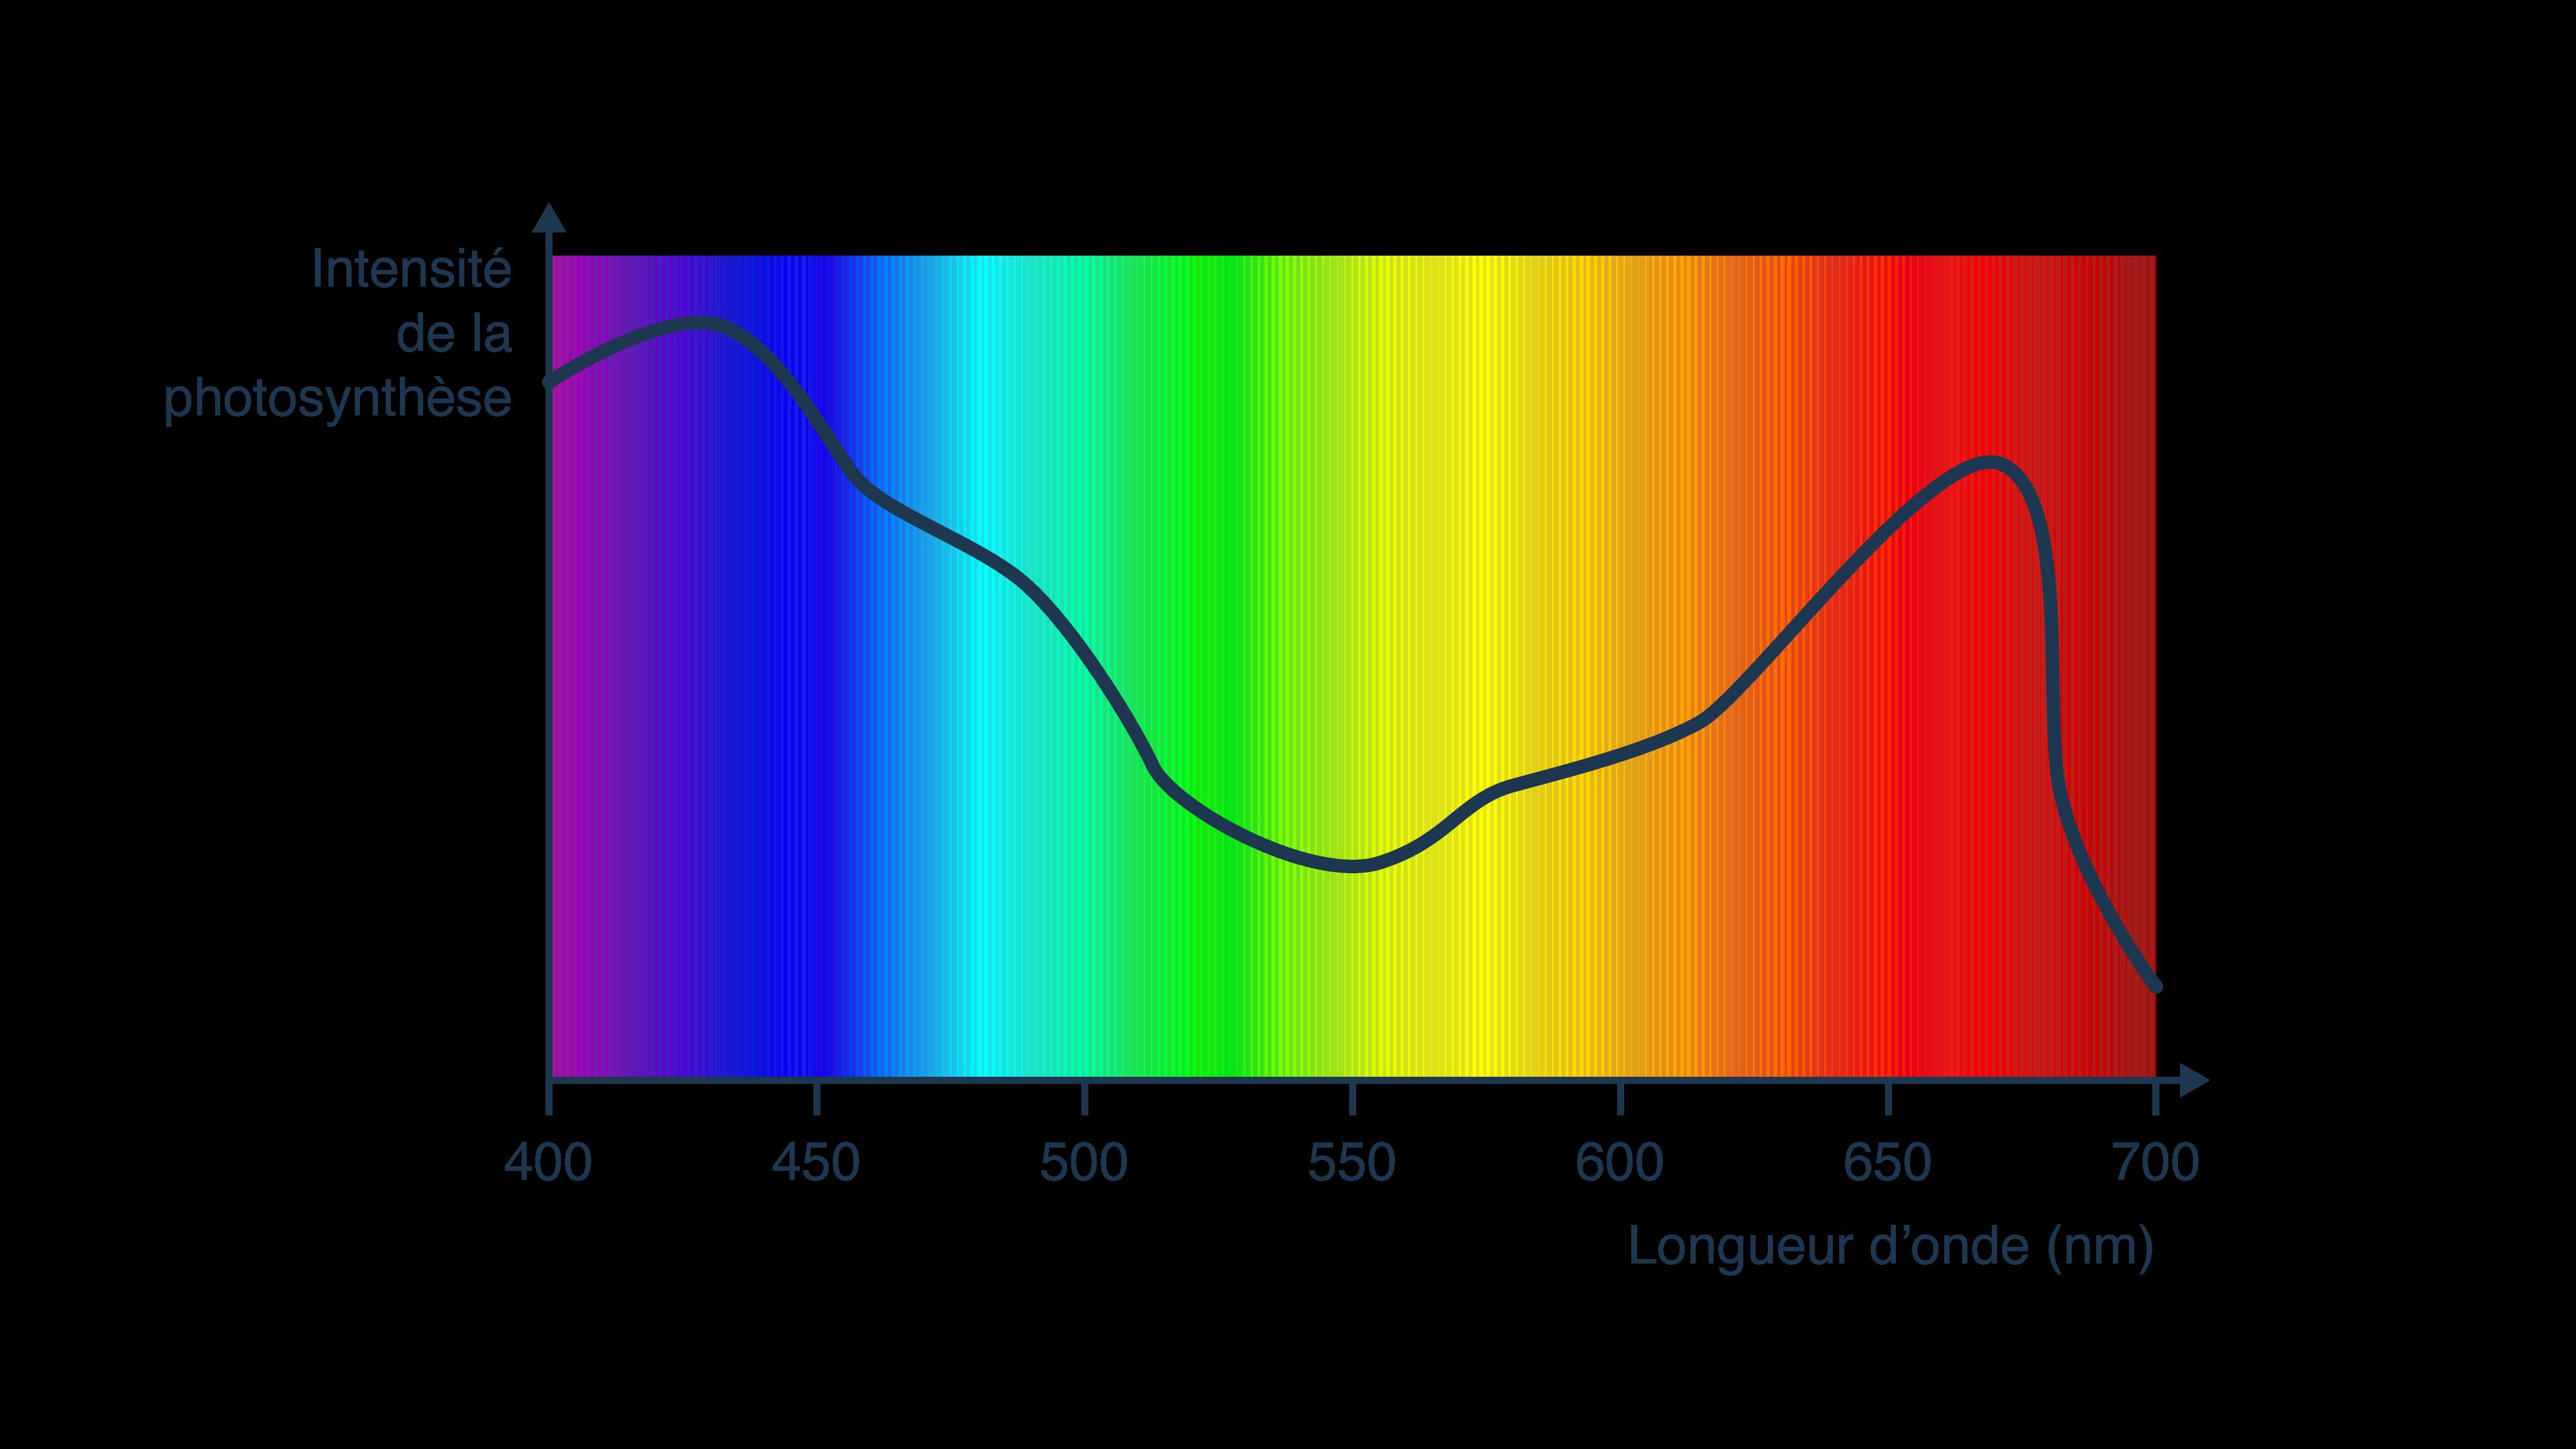 Intensité de la photosynthèse en fonction de la longueur d'ondes